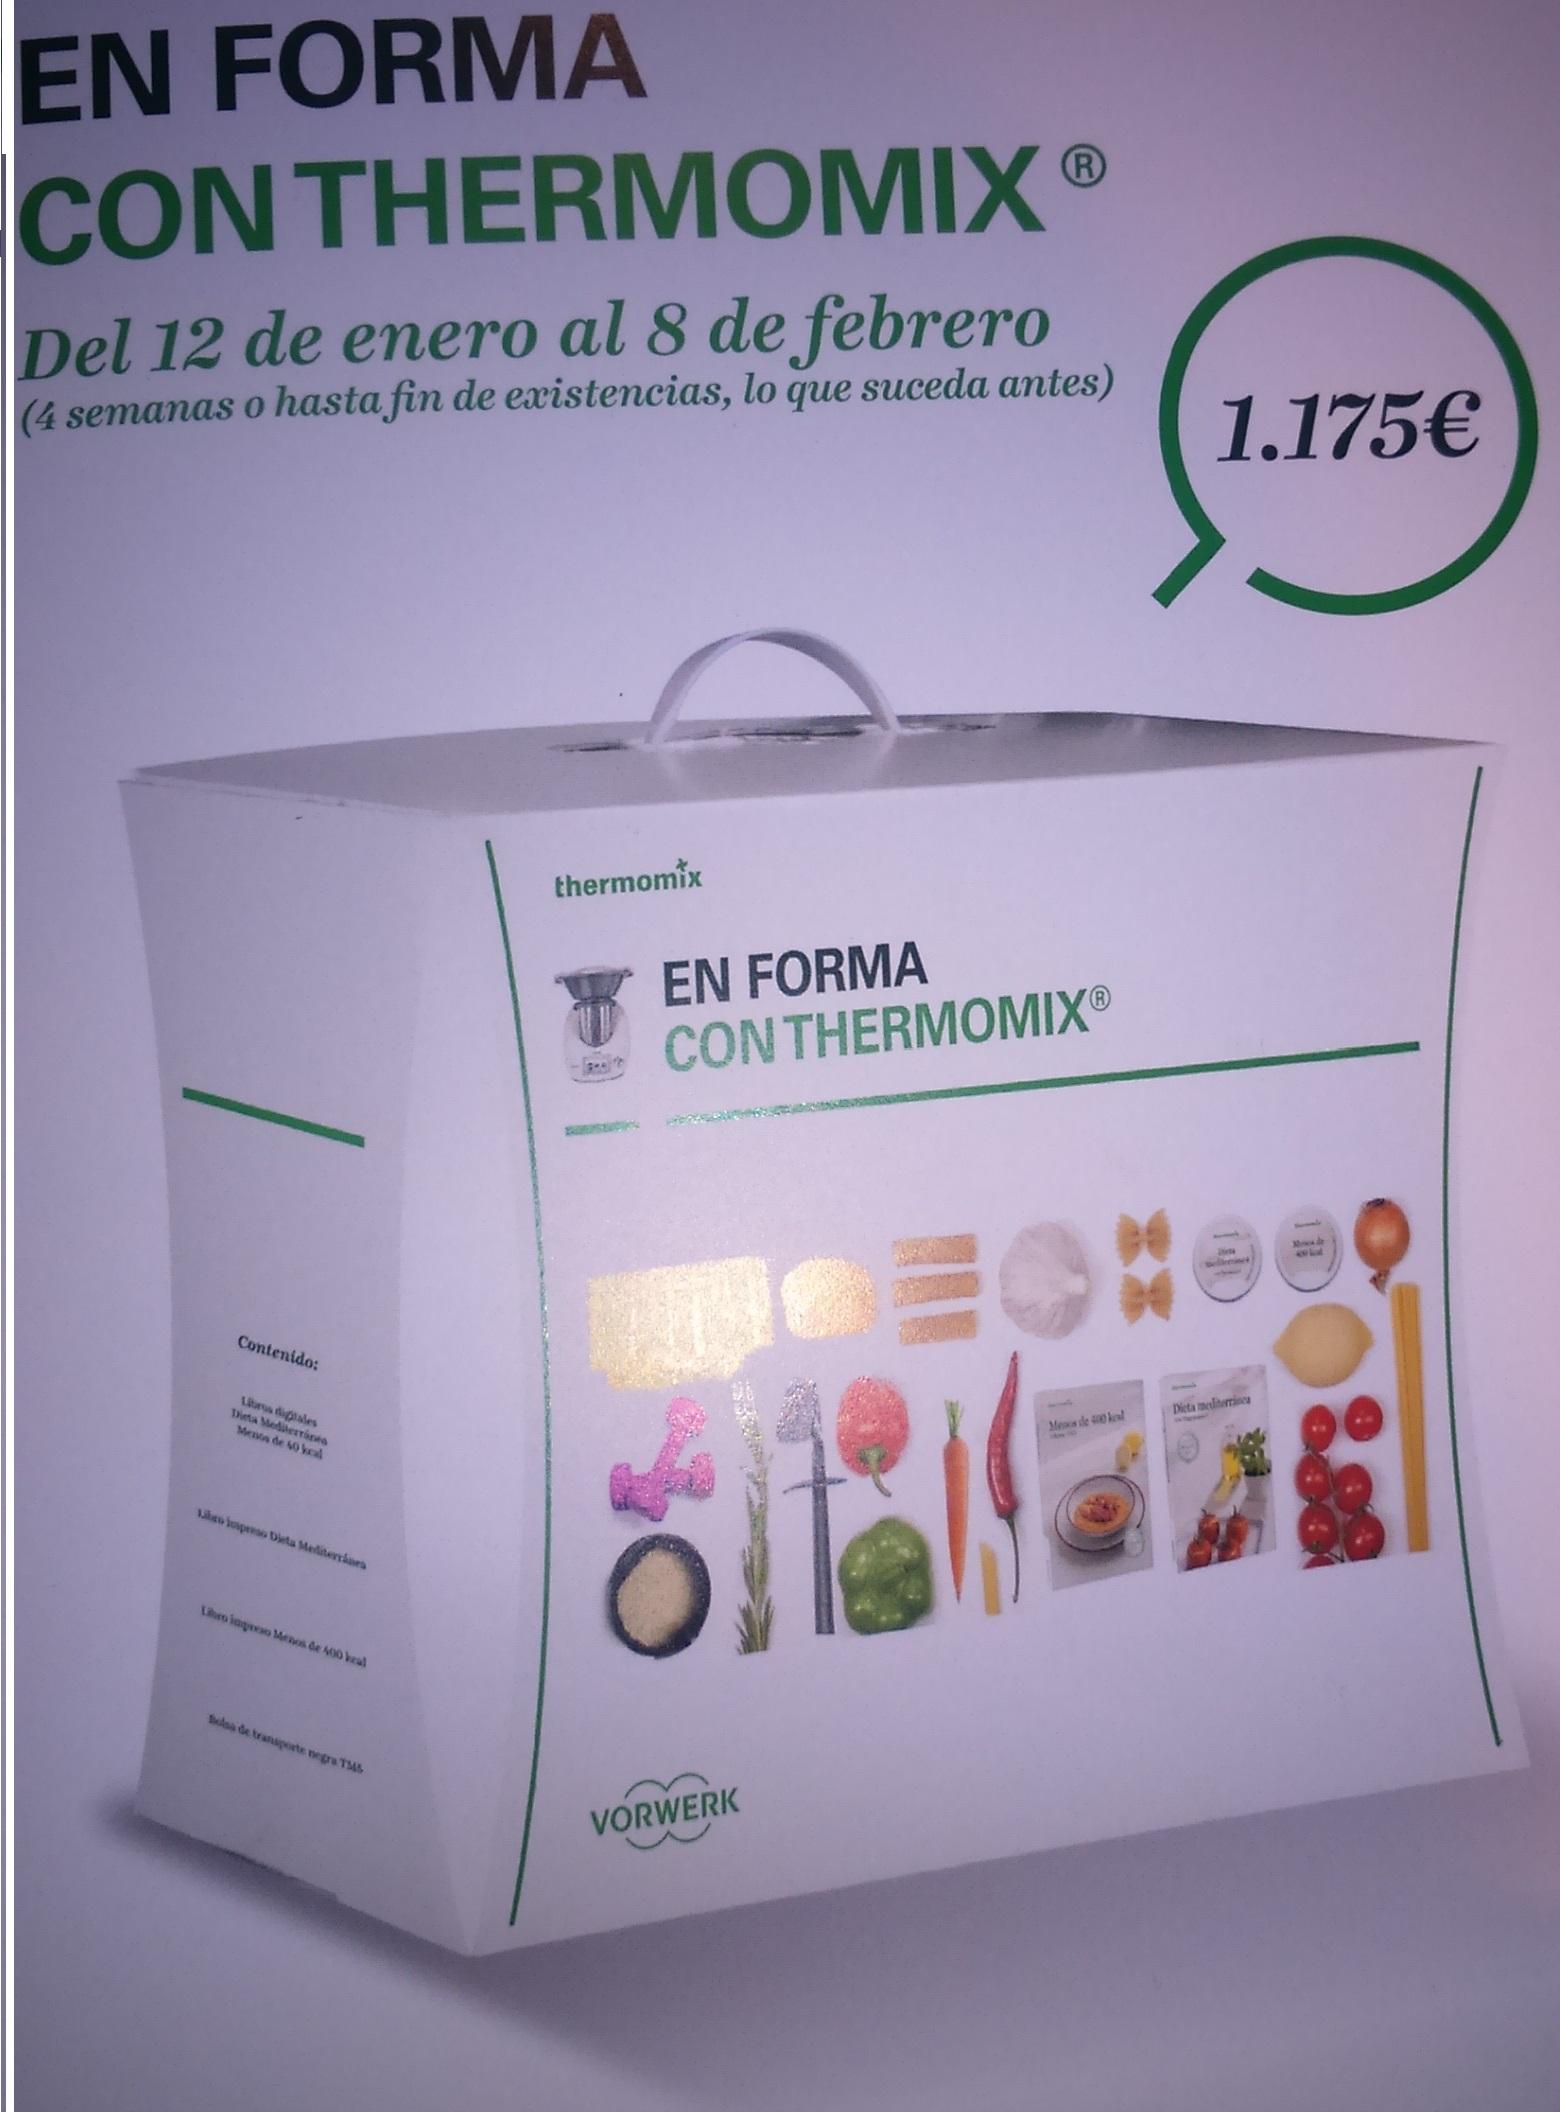 EDICION EN FORMA CON Thermomix®